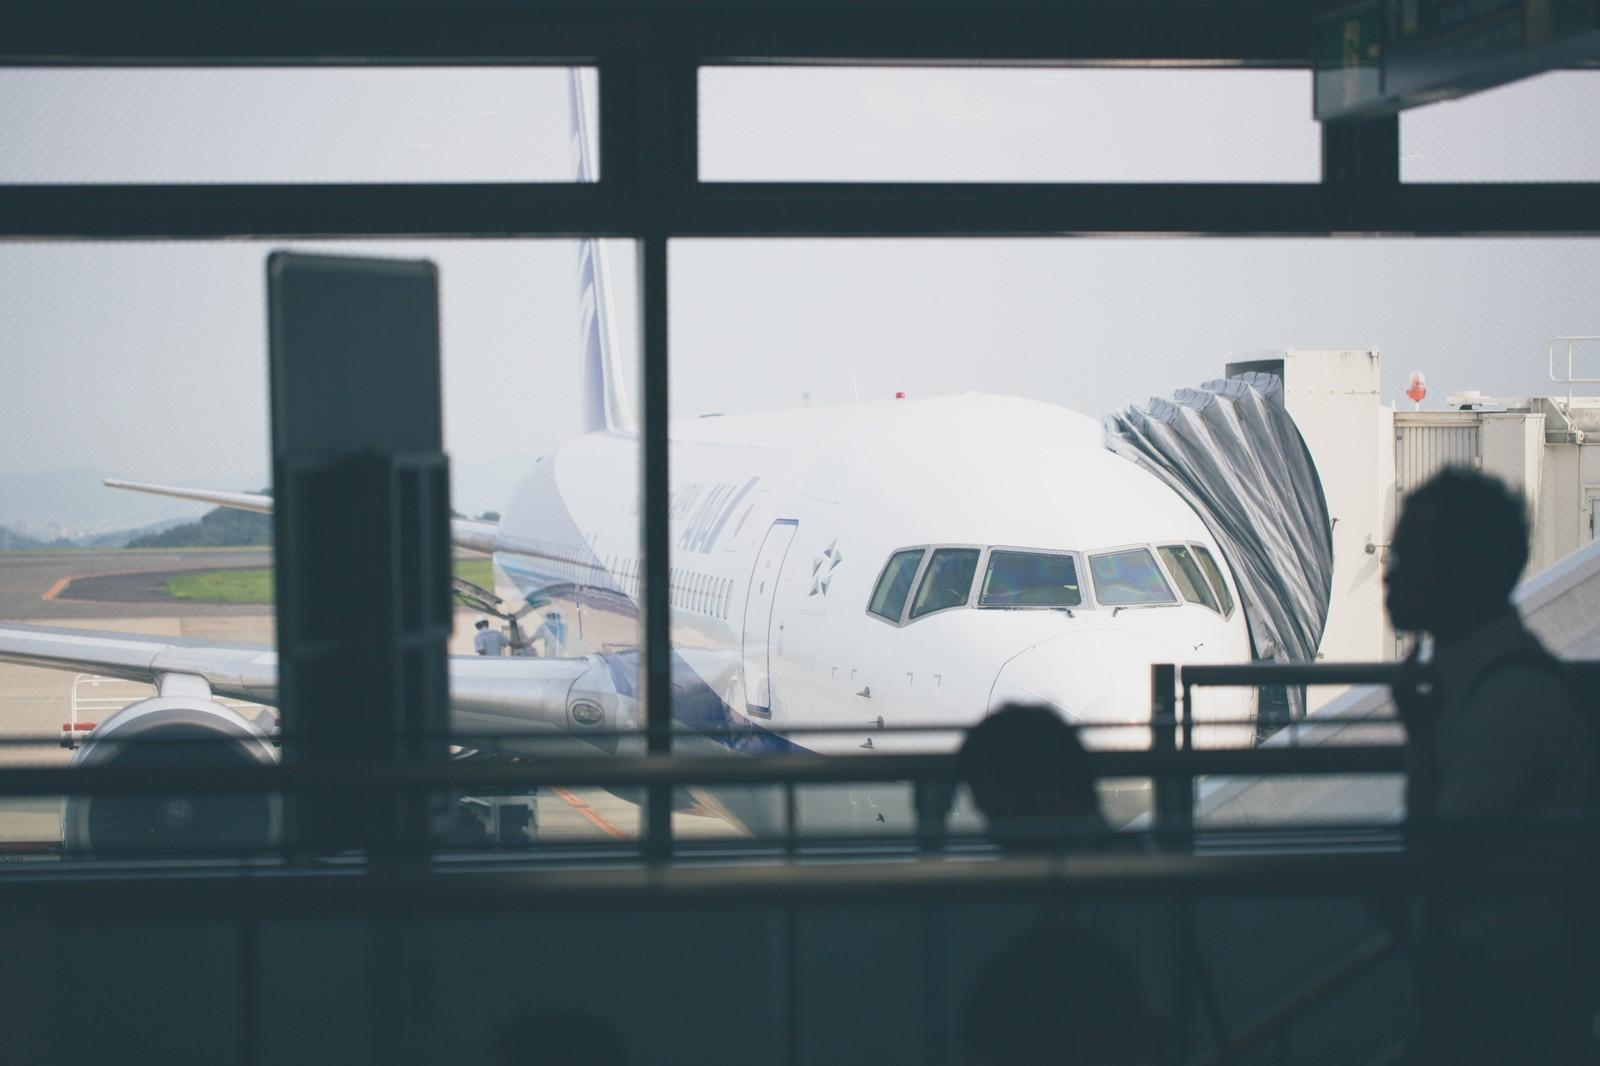 ジャカルタ空港・ショッピングや食事で過ごし方を紹介!お土産やホテル情報もあり